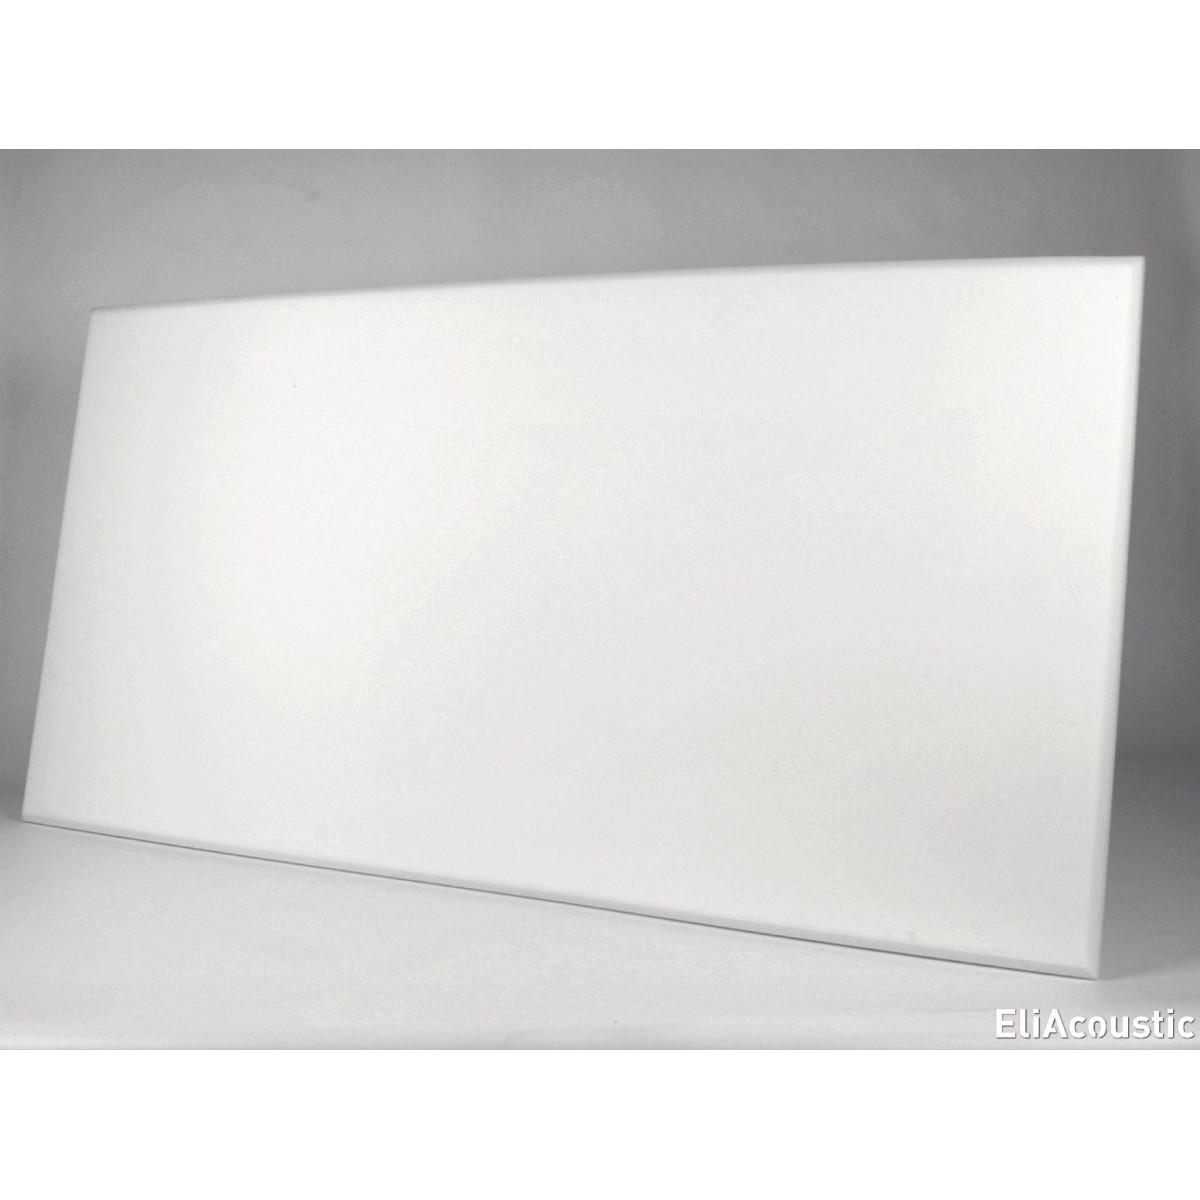 Panel Acustico Resina de melamina basotec